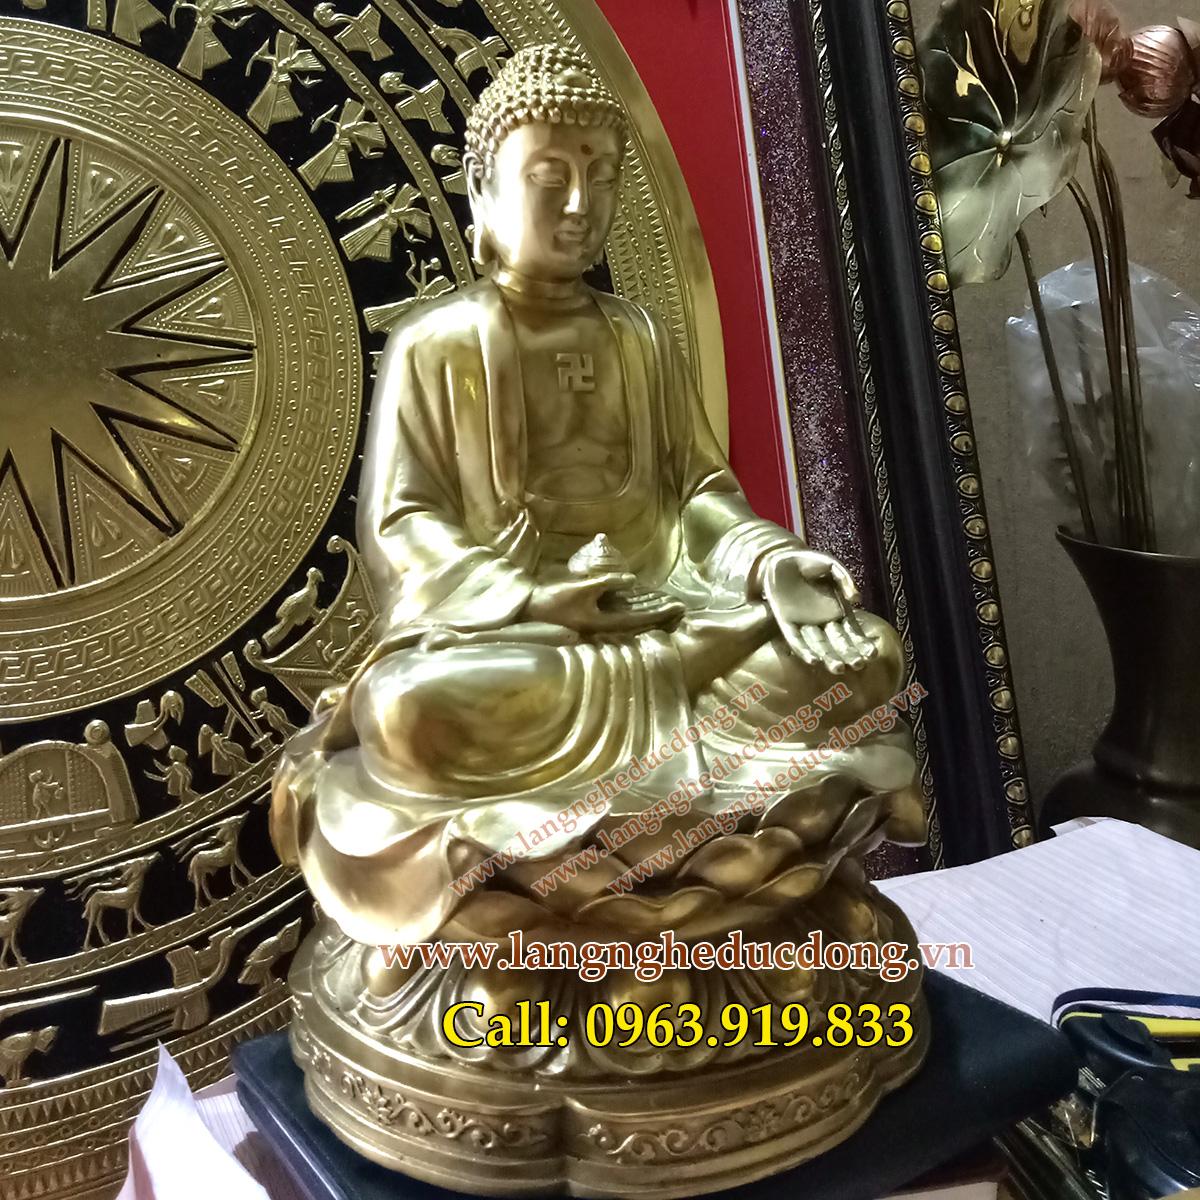 Tượng phật a di đà cao 31cm bằng đồng, giá bán tượng phật bằng đồng